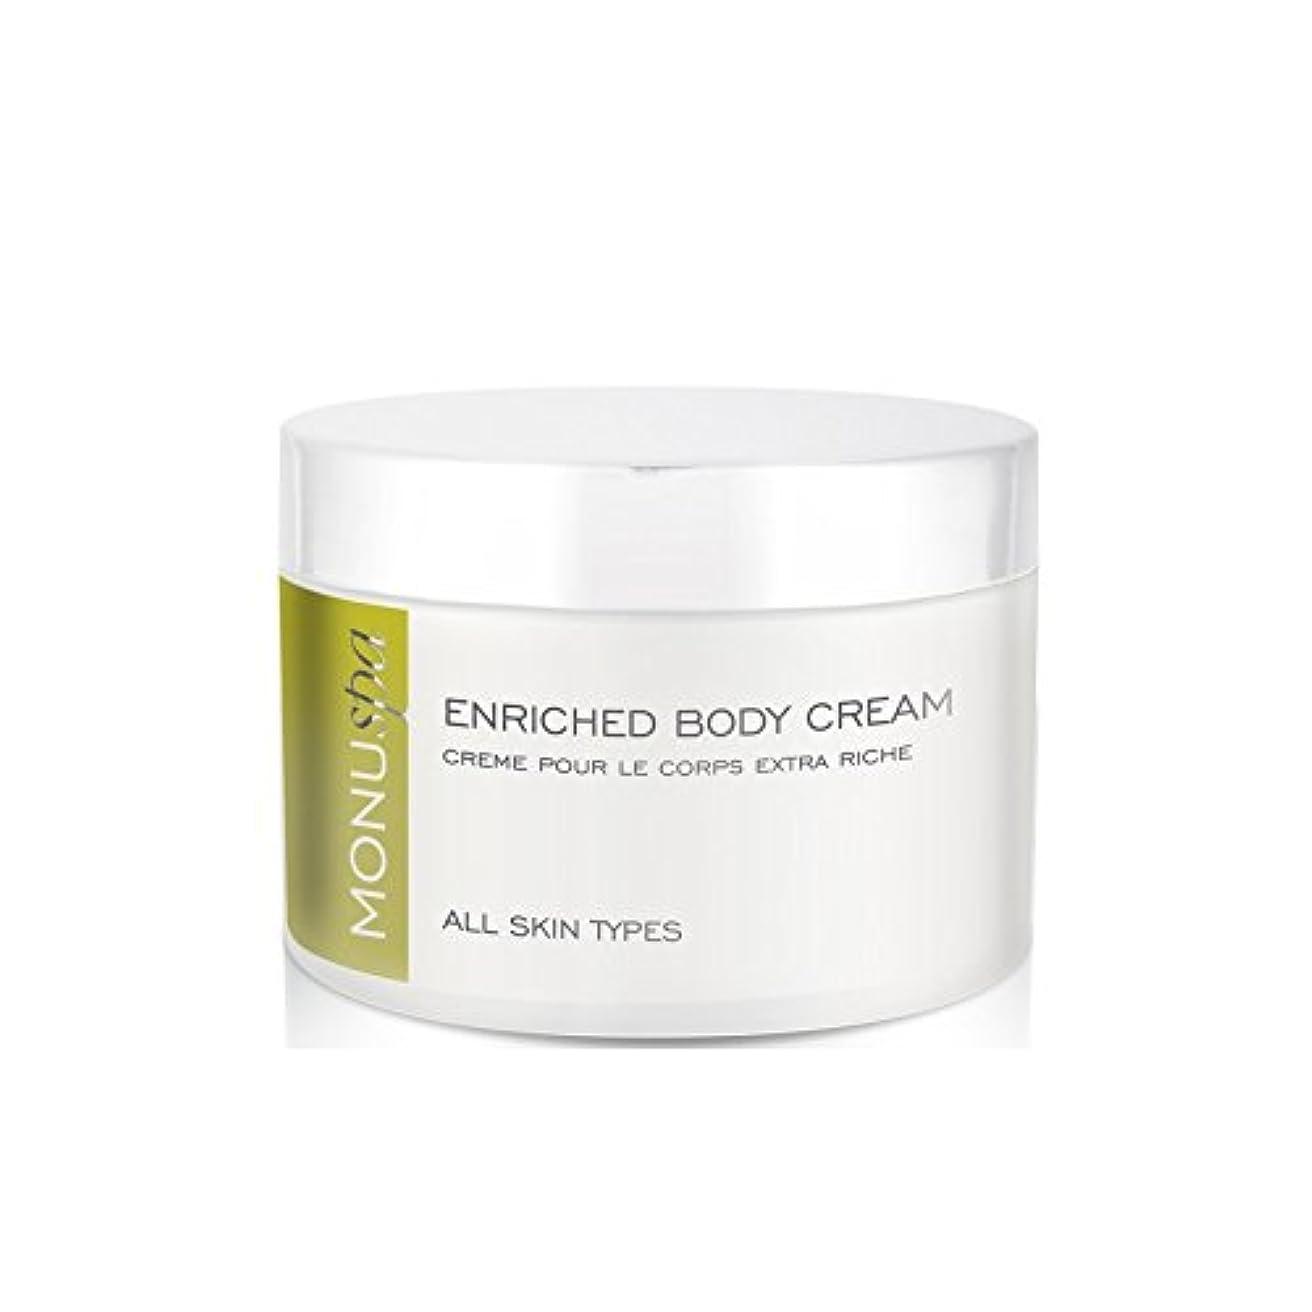 炭水化物計器熟読するMONUspa Enriched Body Cream 200ml - 濃縮ボディクリーム200ミリリットル [並行輸入品]